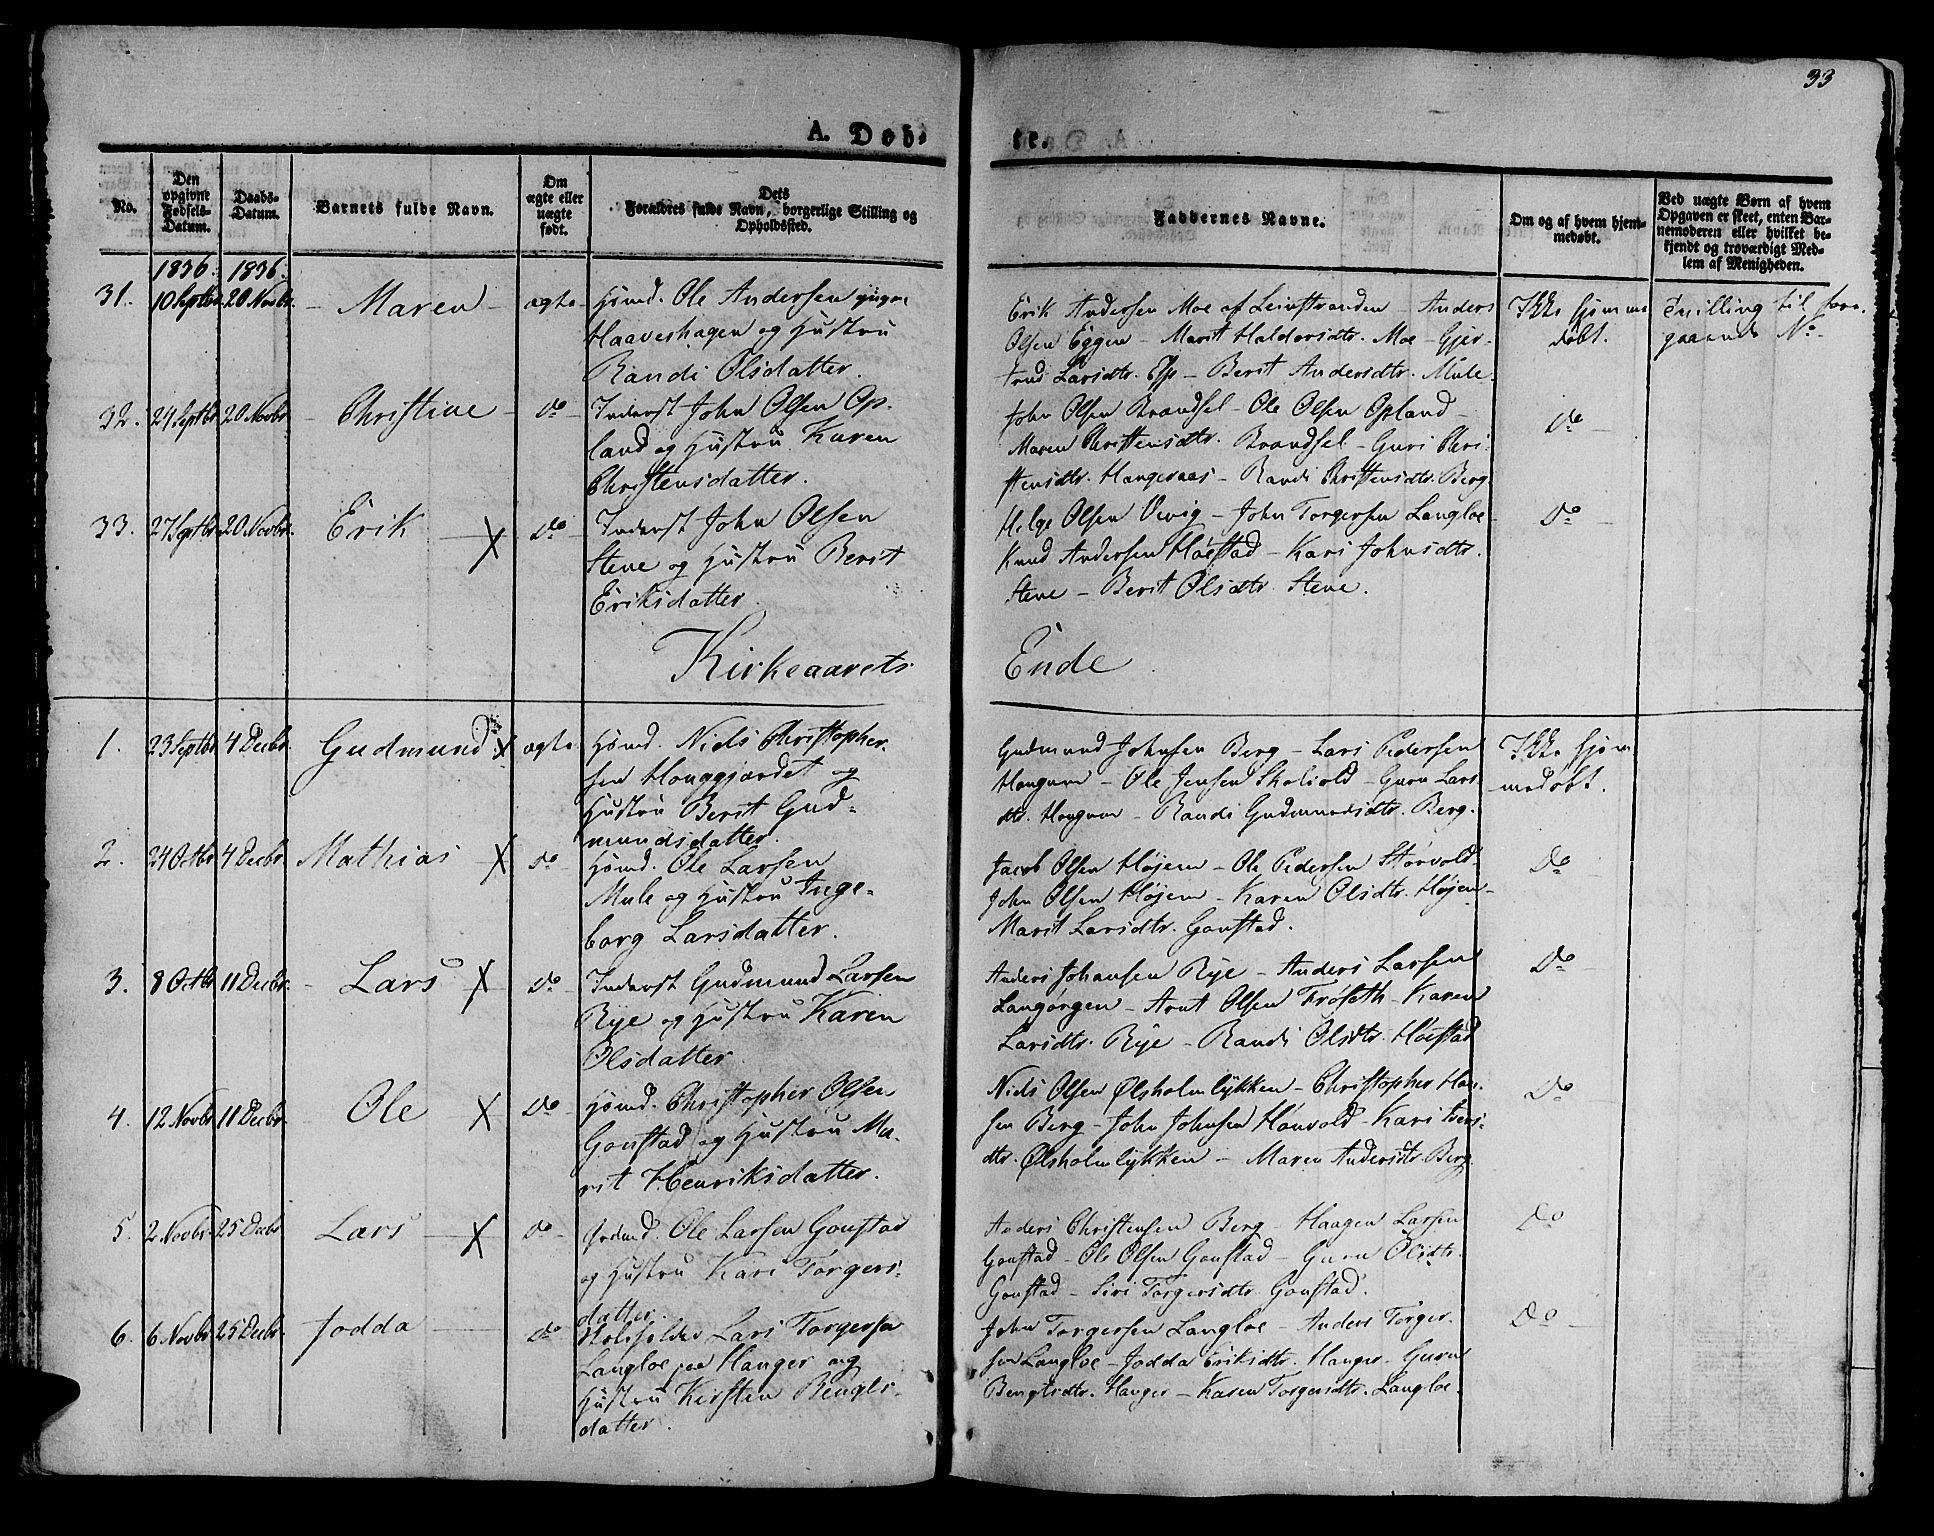 SAT, Ministerialprotokoller, klokkerbøker og fødselsregistre - Sør-Trøndelag, 612/L0374: Ministerialbok nr. 612A07 /1, 1829-1845, s. 33